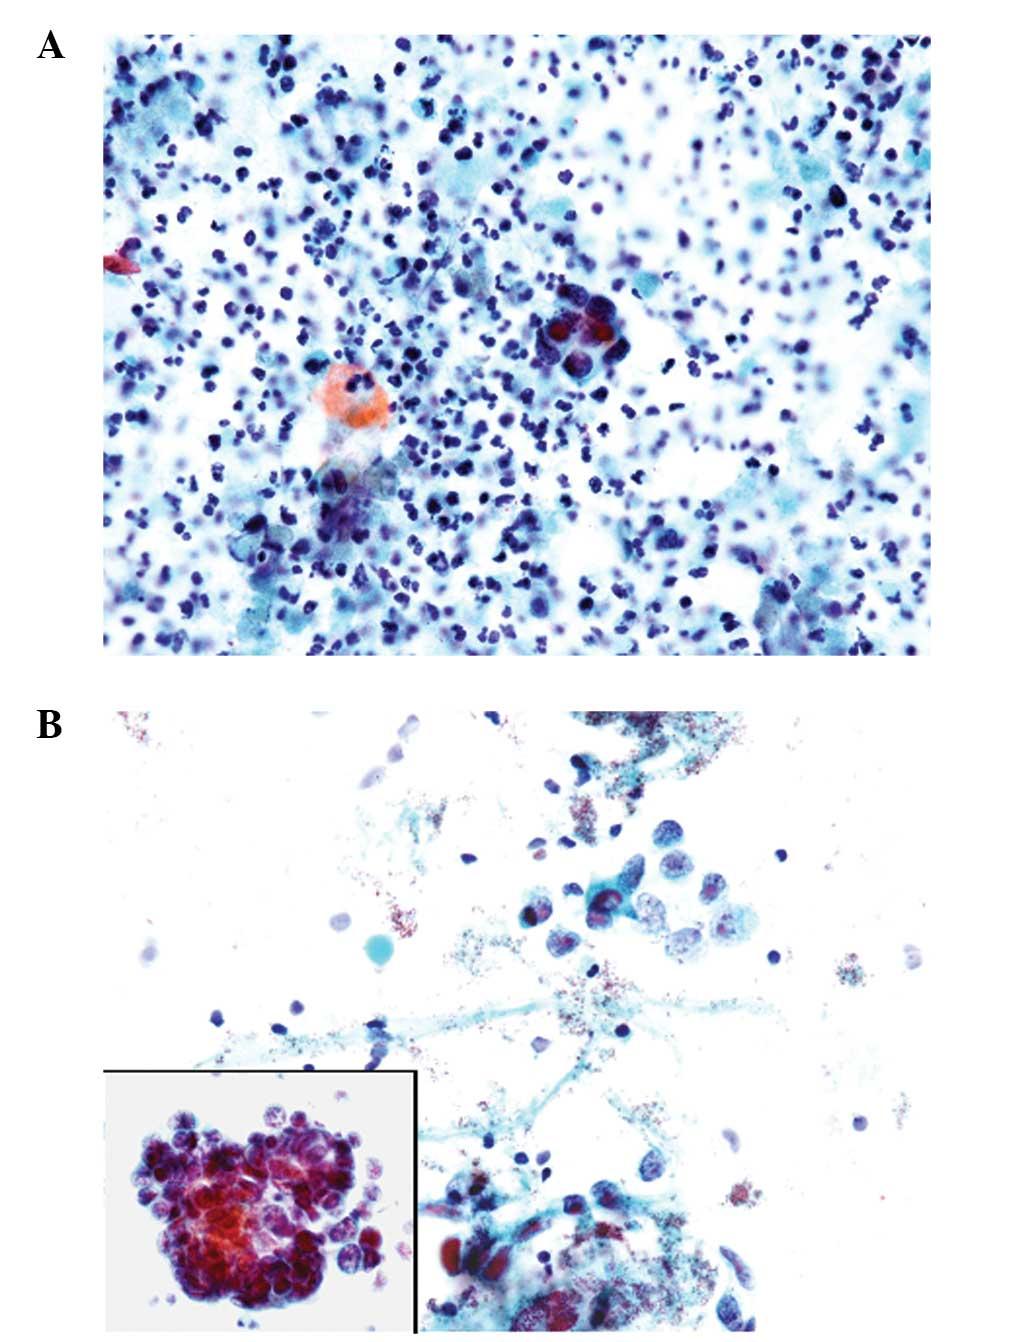 prostate adenocarcinoma cytology)